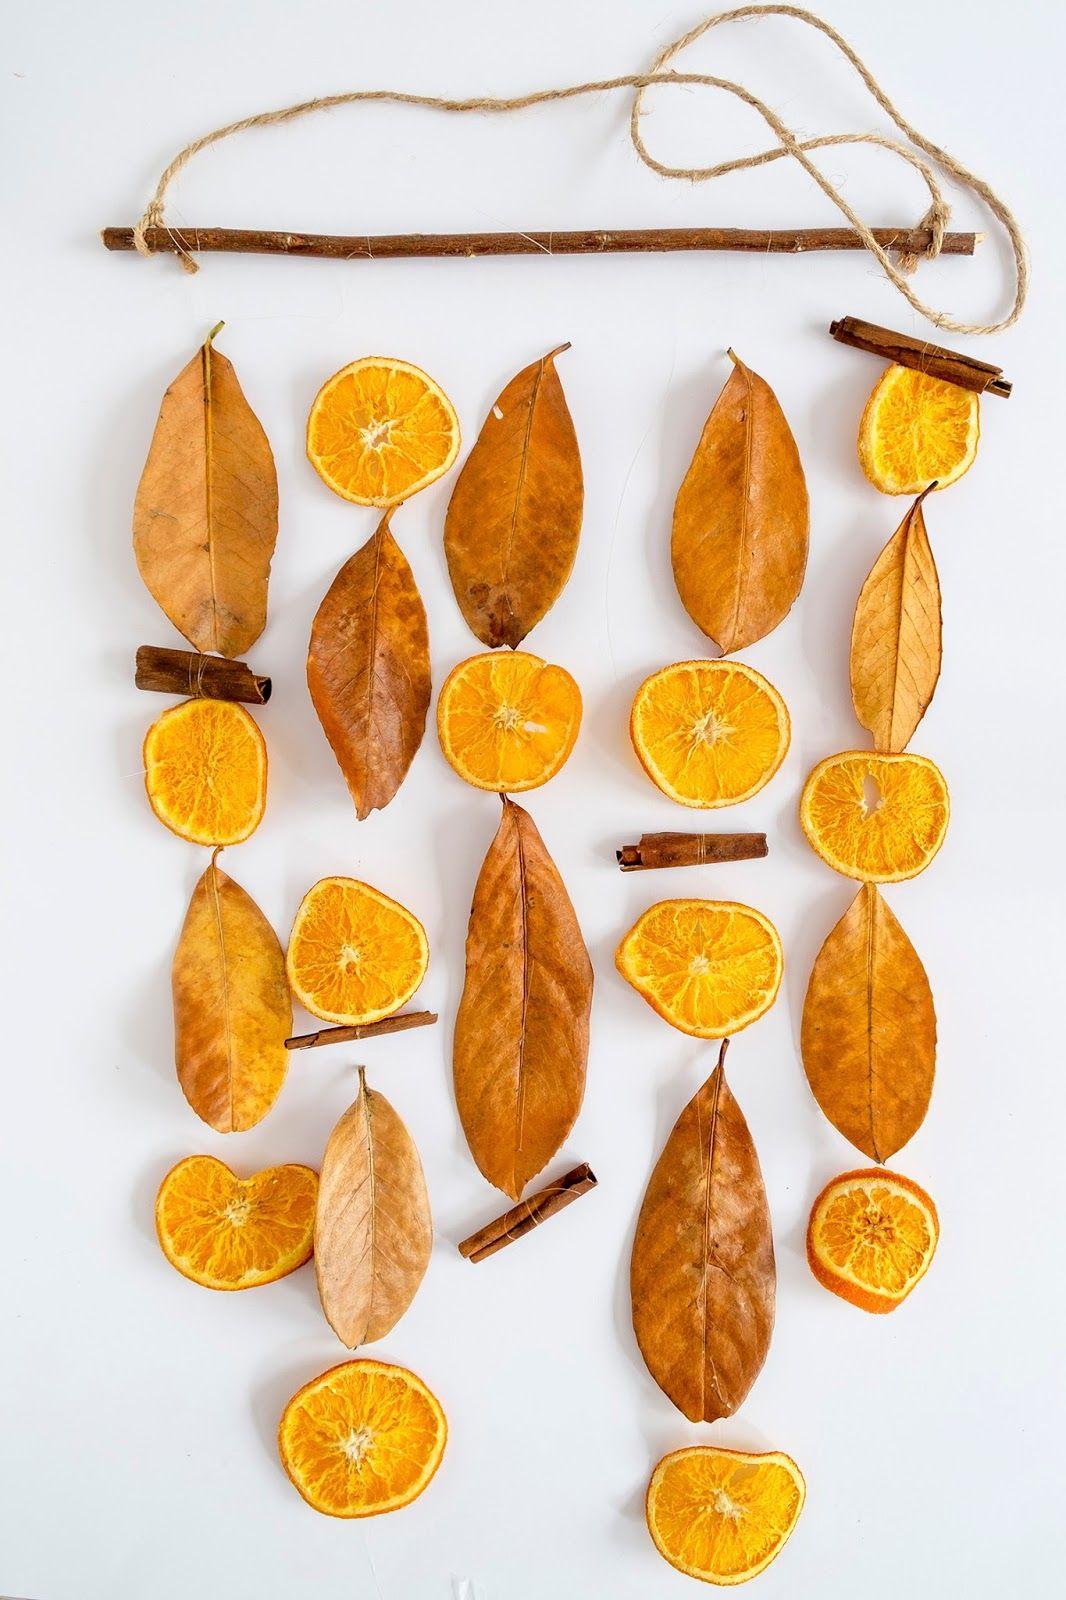 Hoe maak je een garland (slinger) met gedroogde sinaasappel - Herfst decoratie #herfstdecoraties